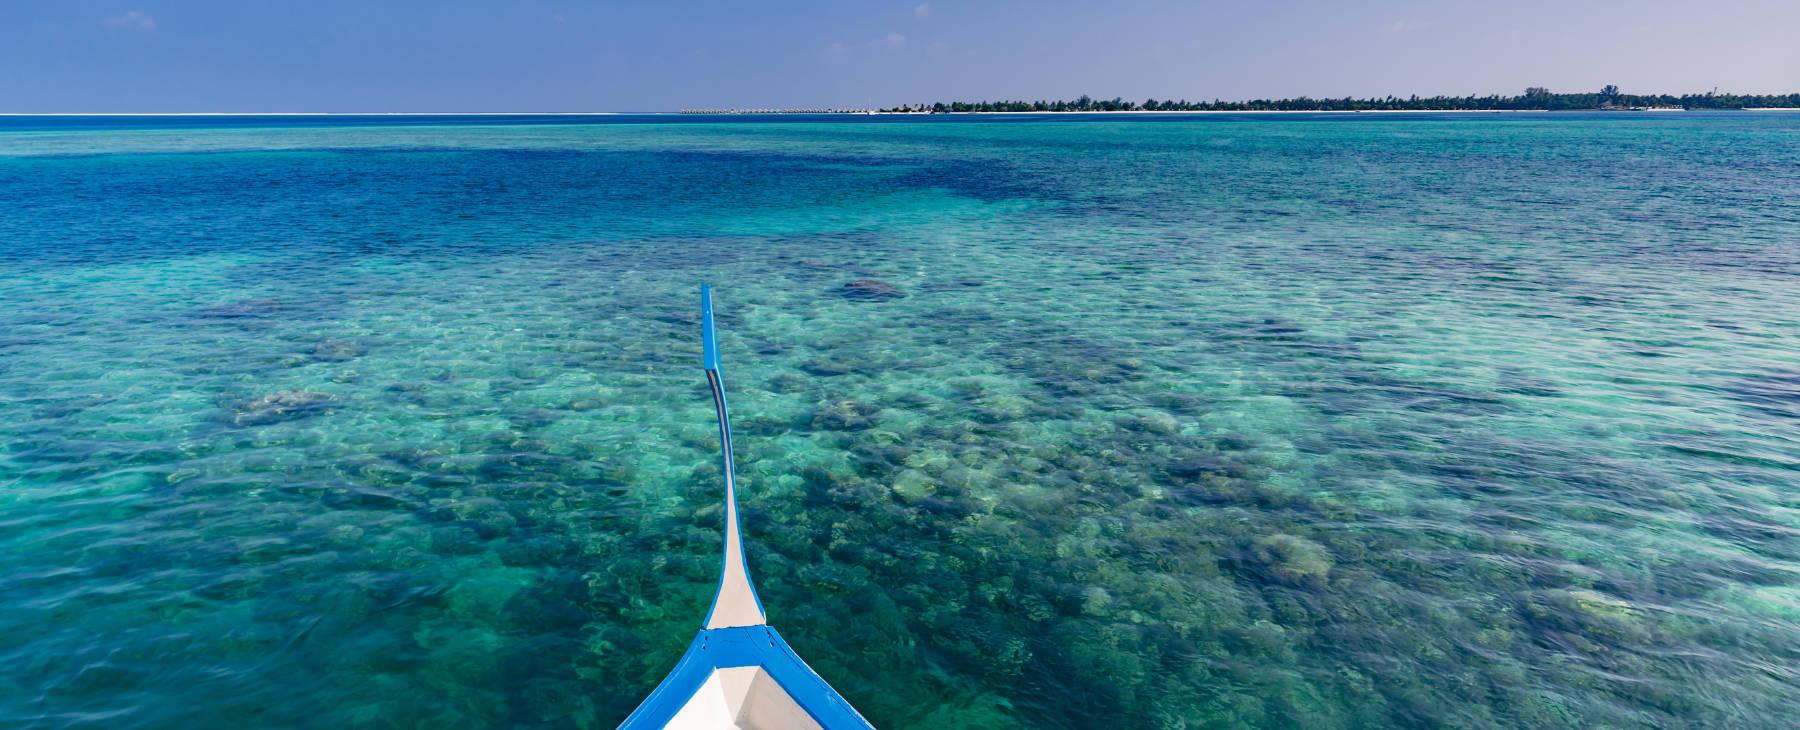 Luxusurlaub Indischer Ozean Luxury Circle